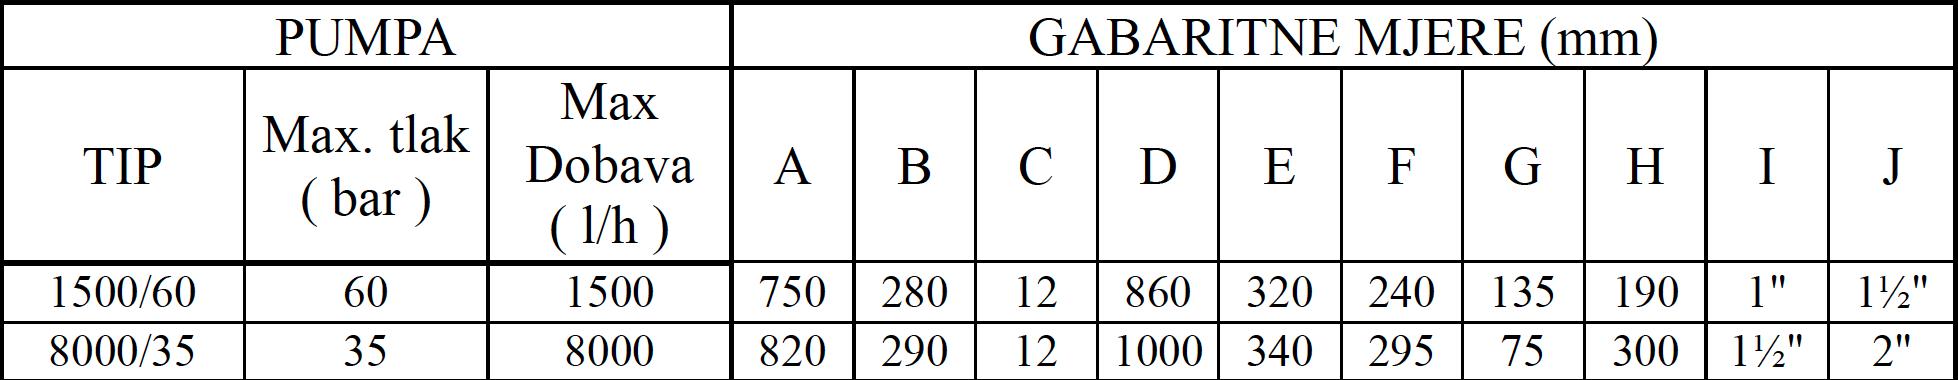 LKP 003 tablica 2